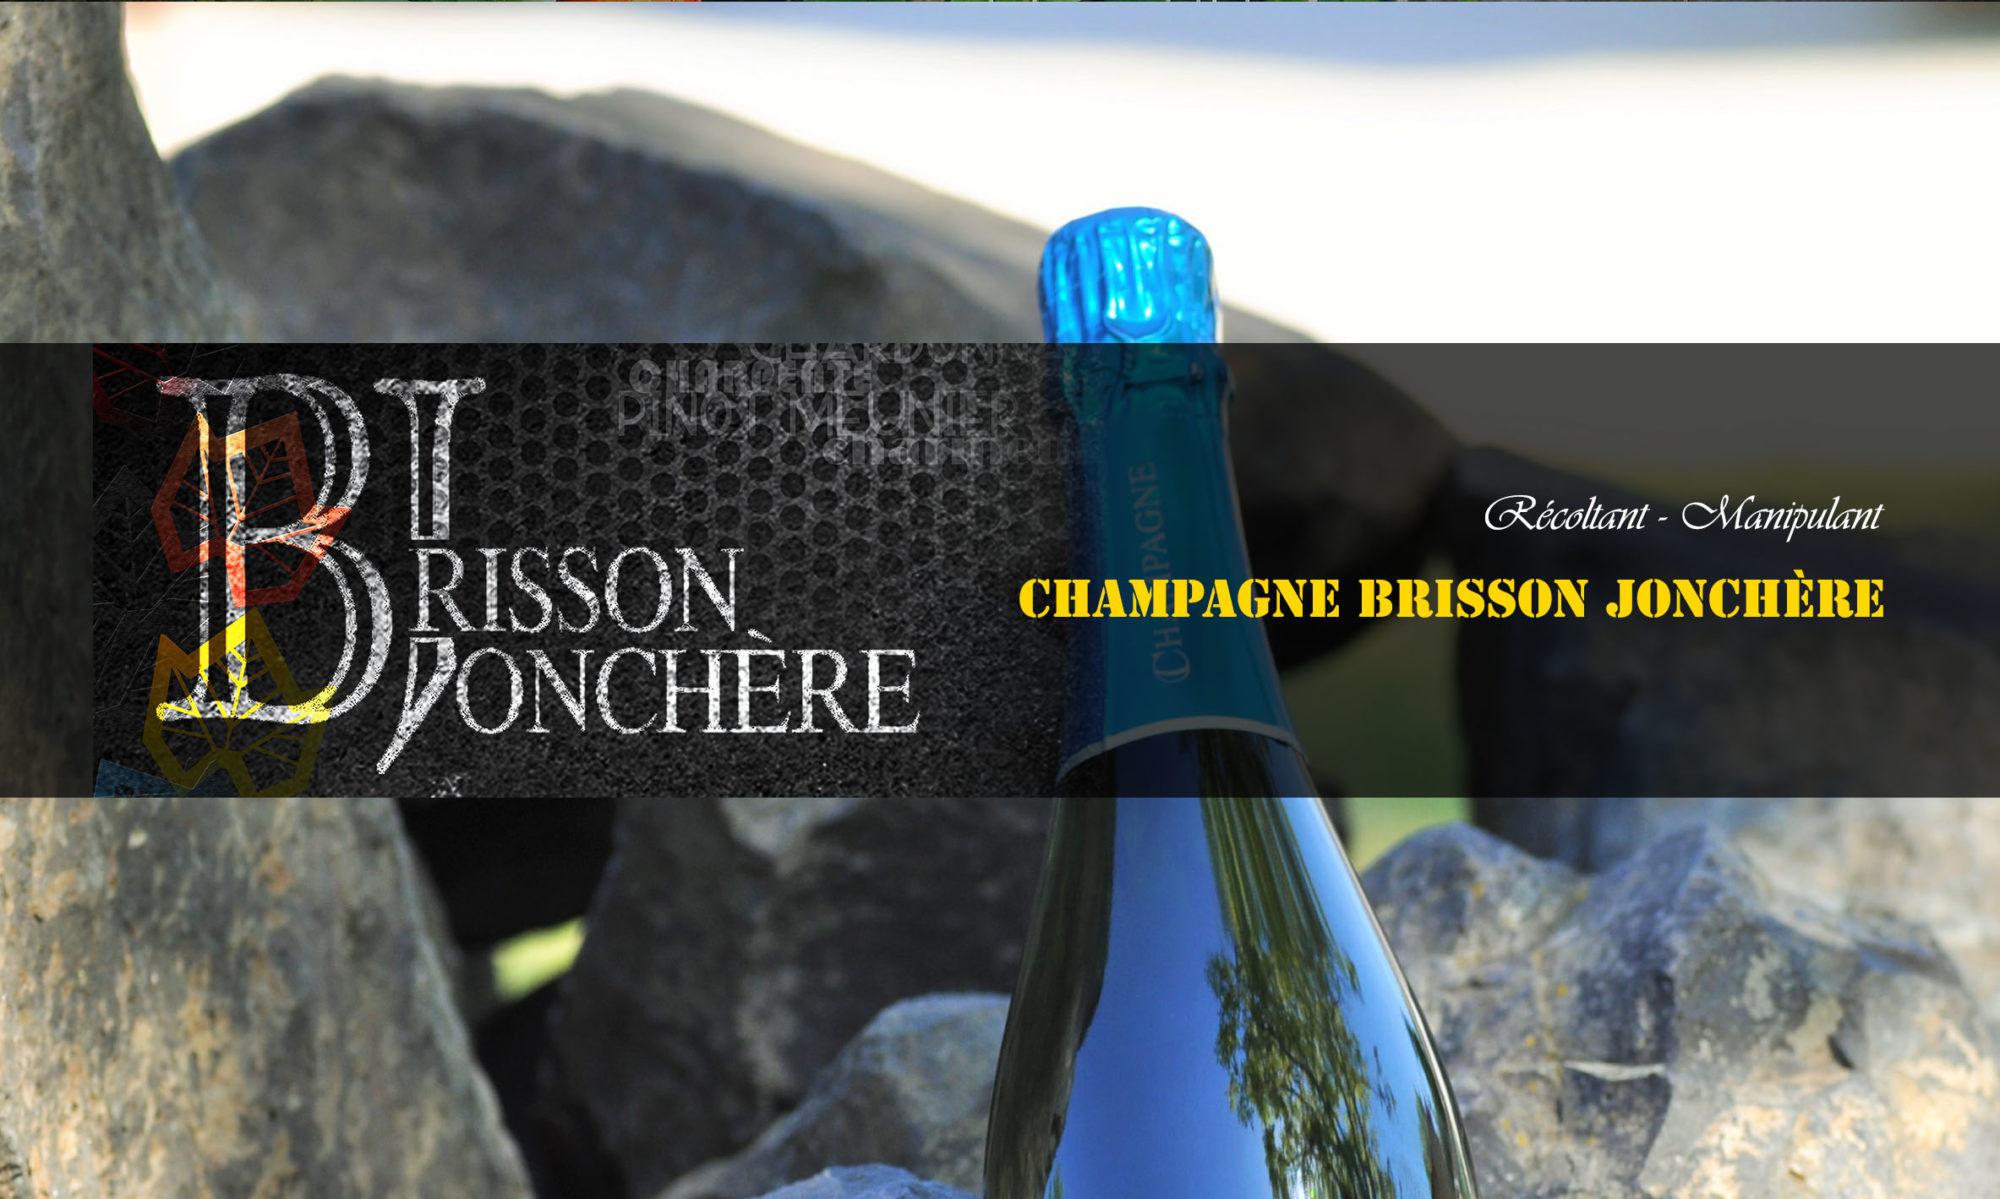 Champagne Brisson Jonchère